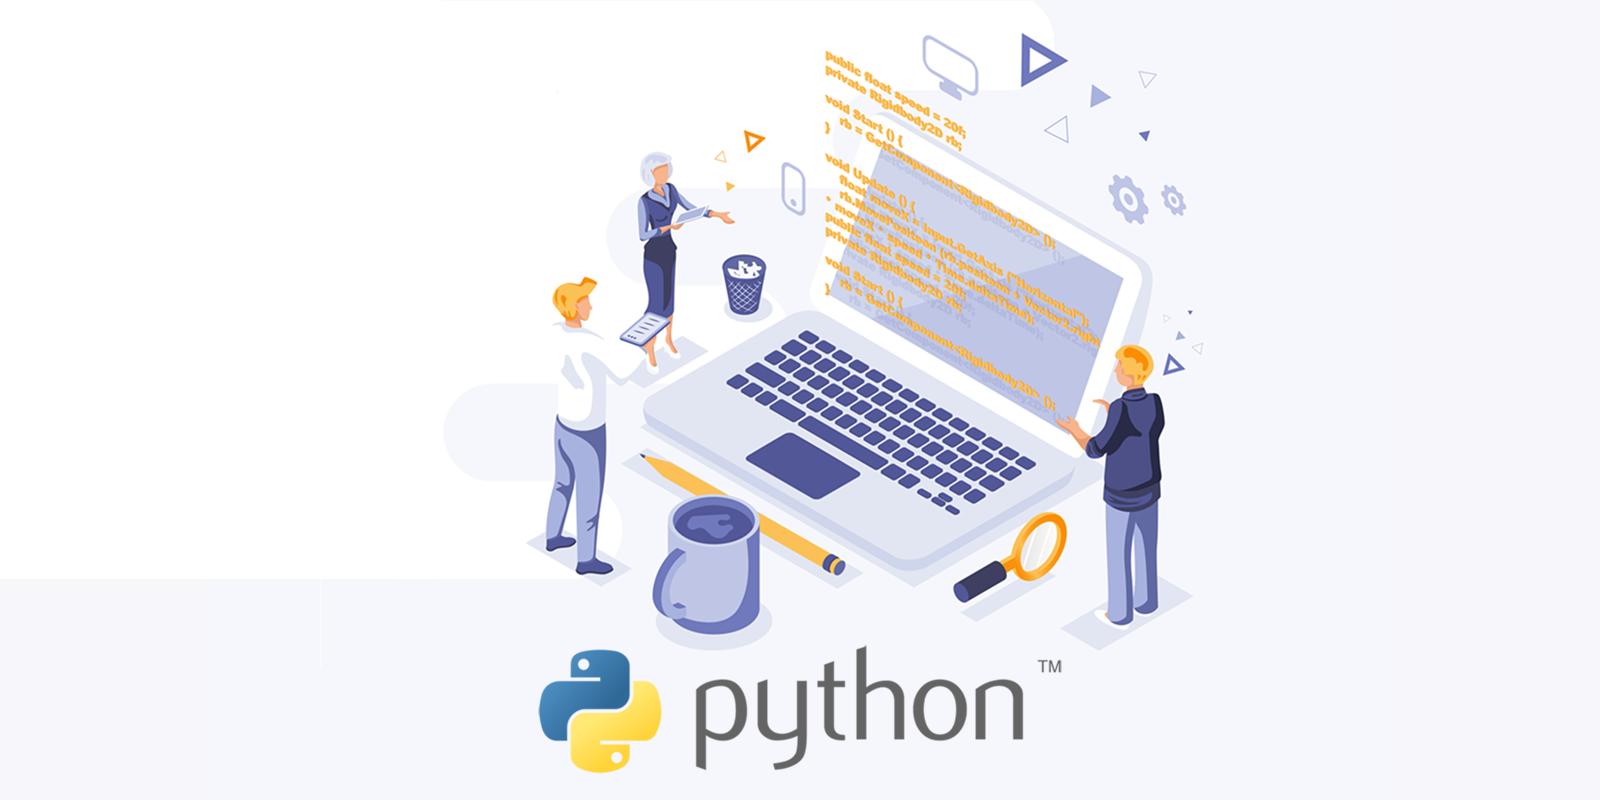 Corso in Programmazione Python Tivoli Forma Academy - intermedio-1600x800